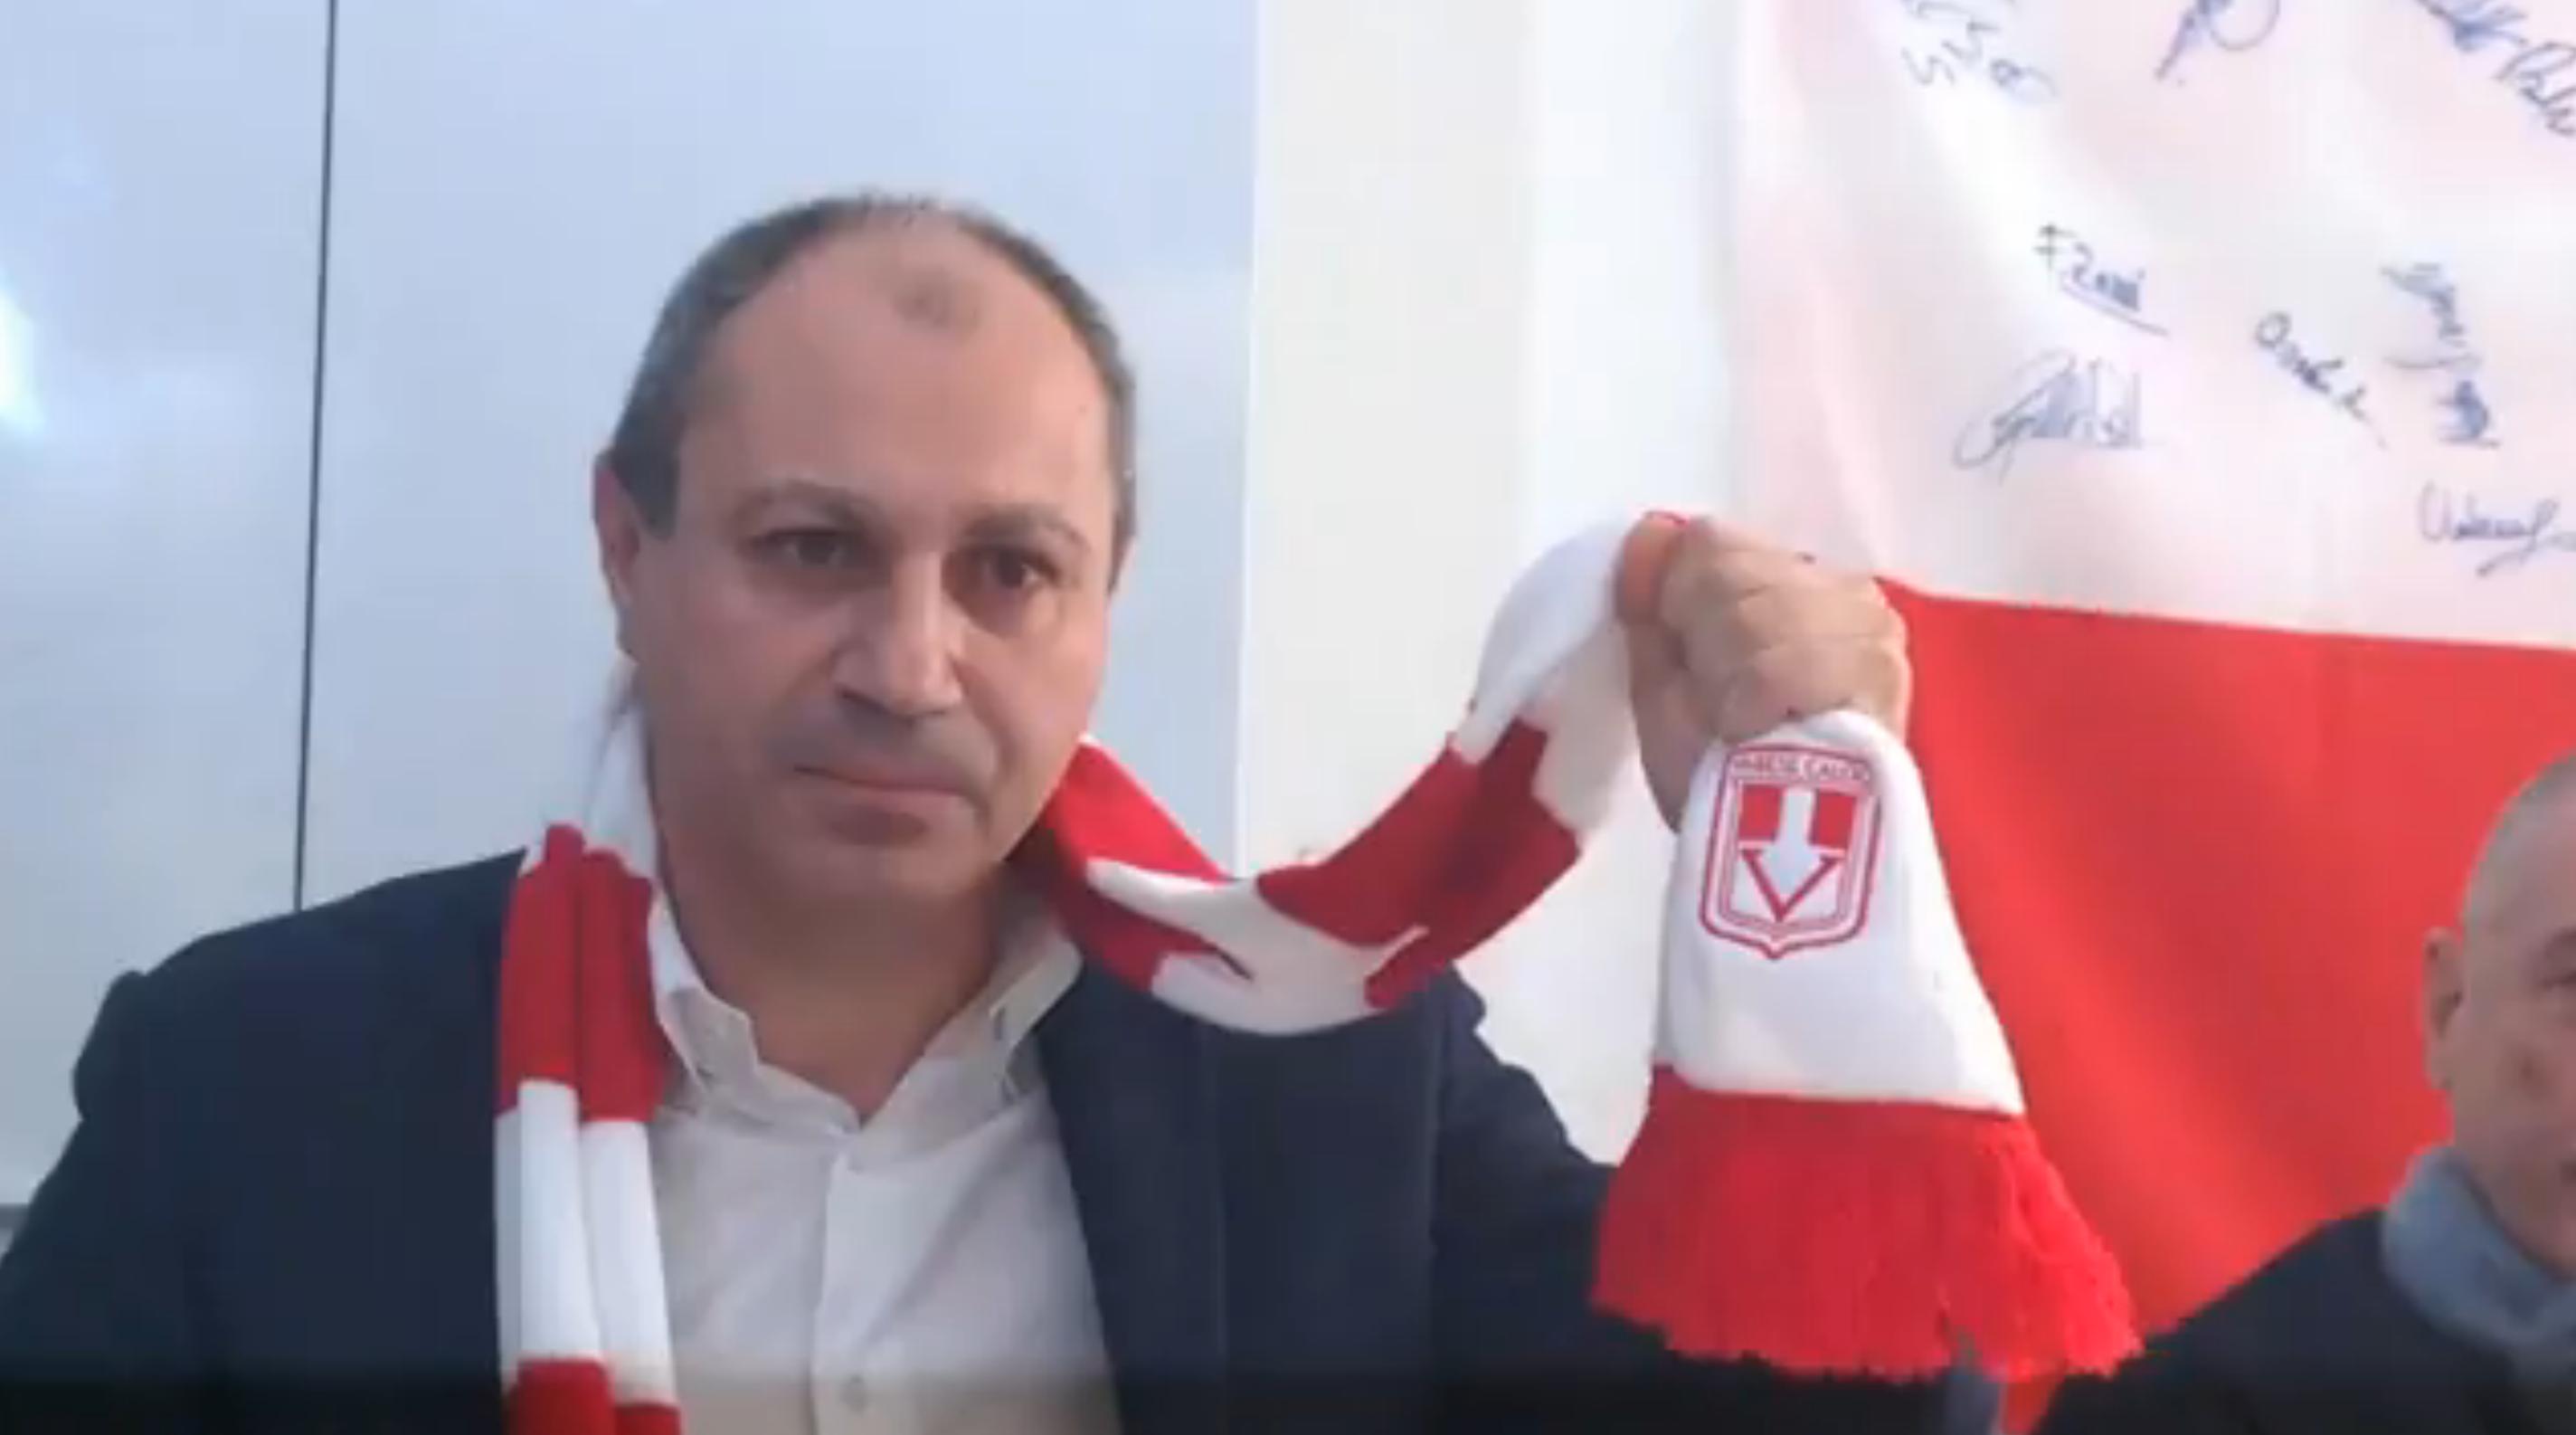 Video: Gabriele Ciavarrella annuncia le dimissioni